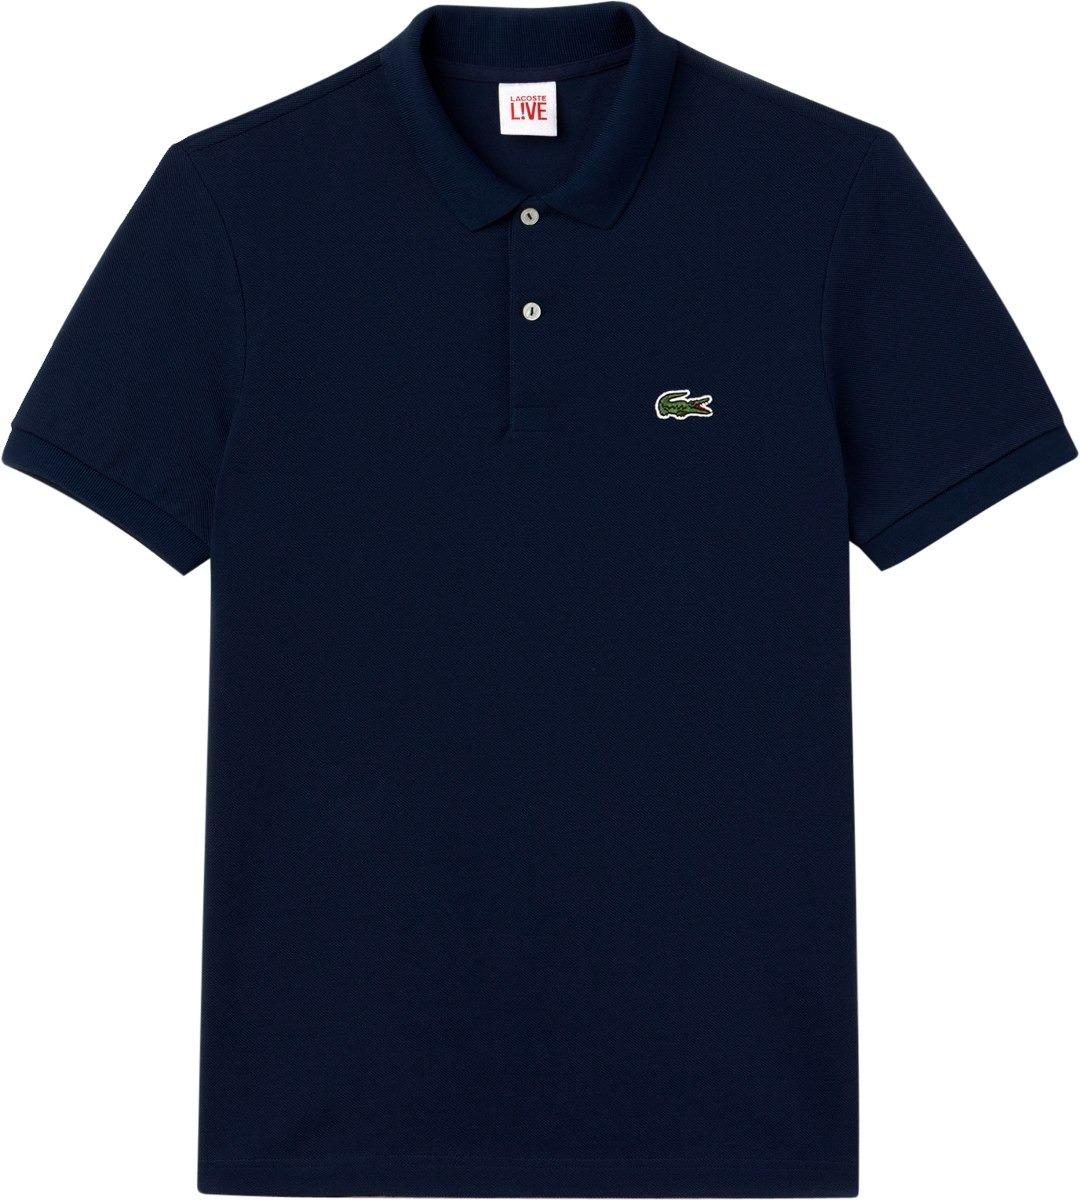 e729706f68bc0 camisa polo lacoste azul marinho originais masculino. Carregando zoom.